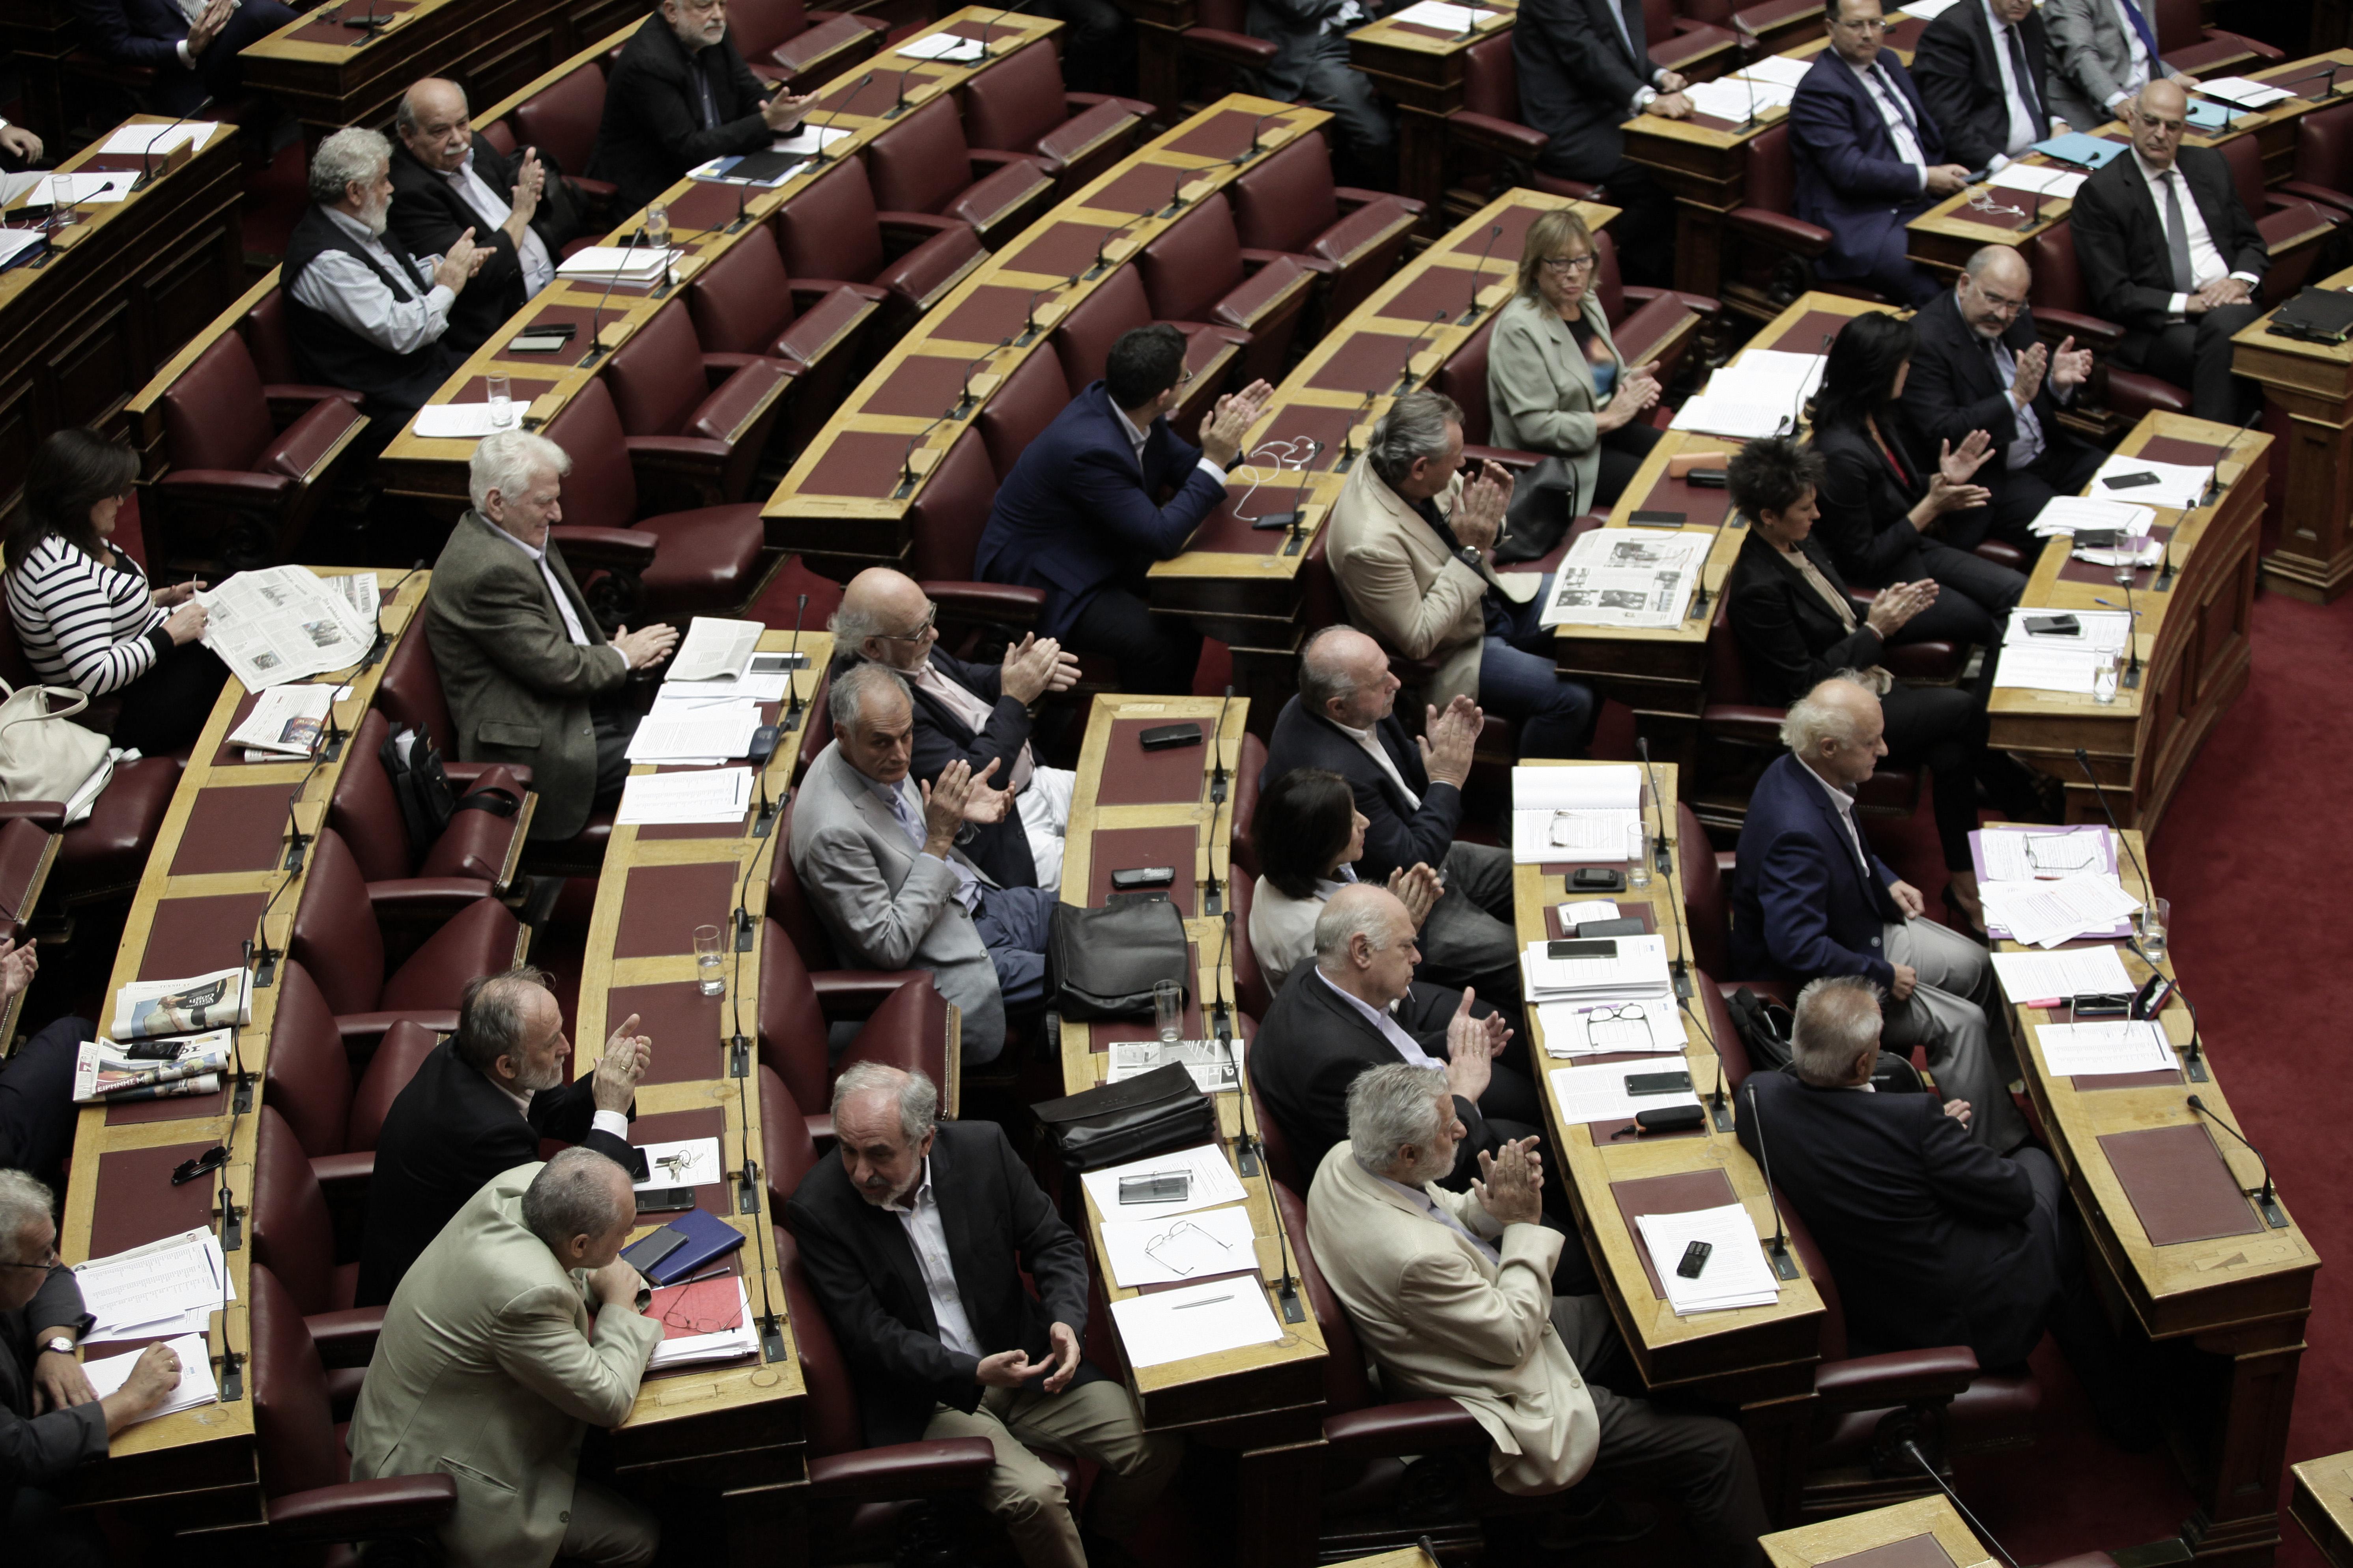 Υπό την απειλή κοινοβουλευτικής ήττας η κυβέρνηση για την αλλαγή φύλου από τα 15 - Εικόνα 1